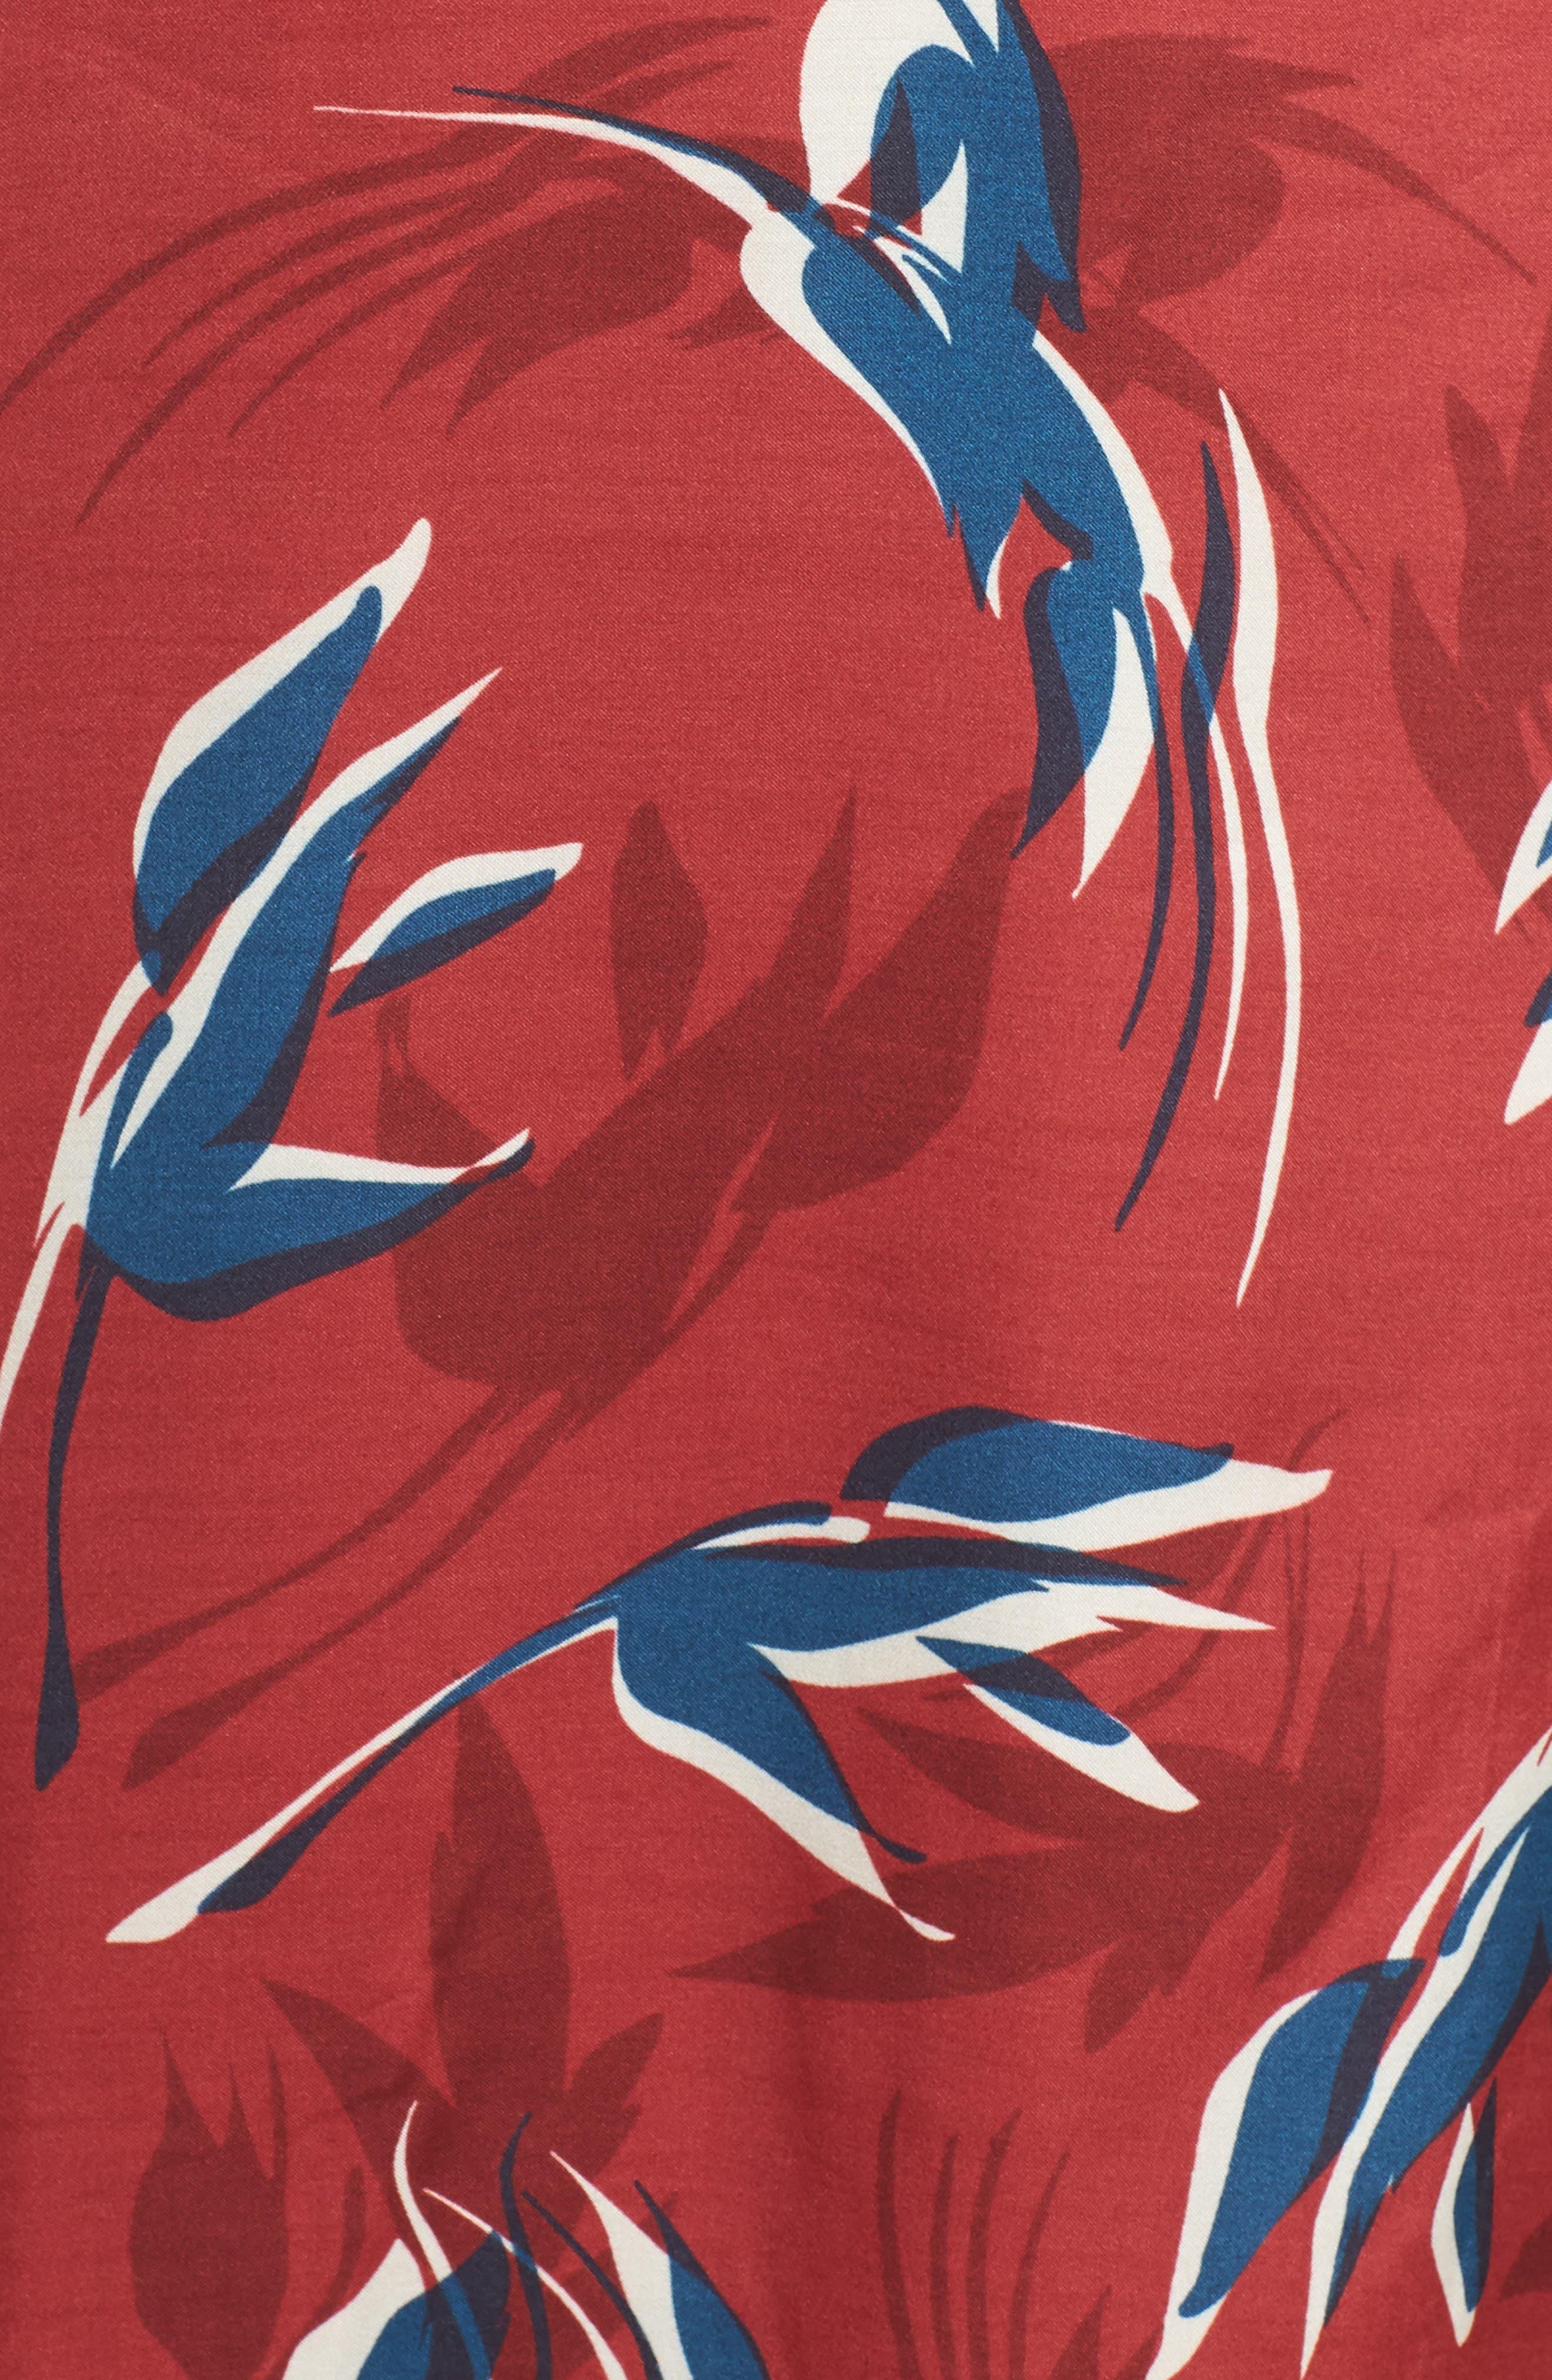 Mixed Print Midi Dress,                             Alternate thumbnail 5, color,                             RED MULTI